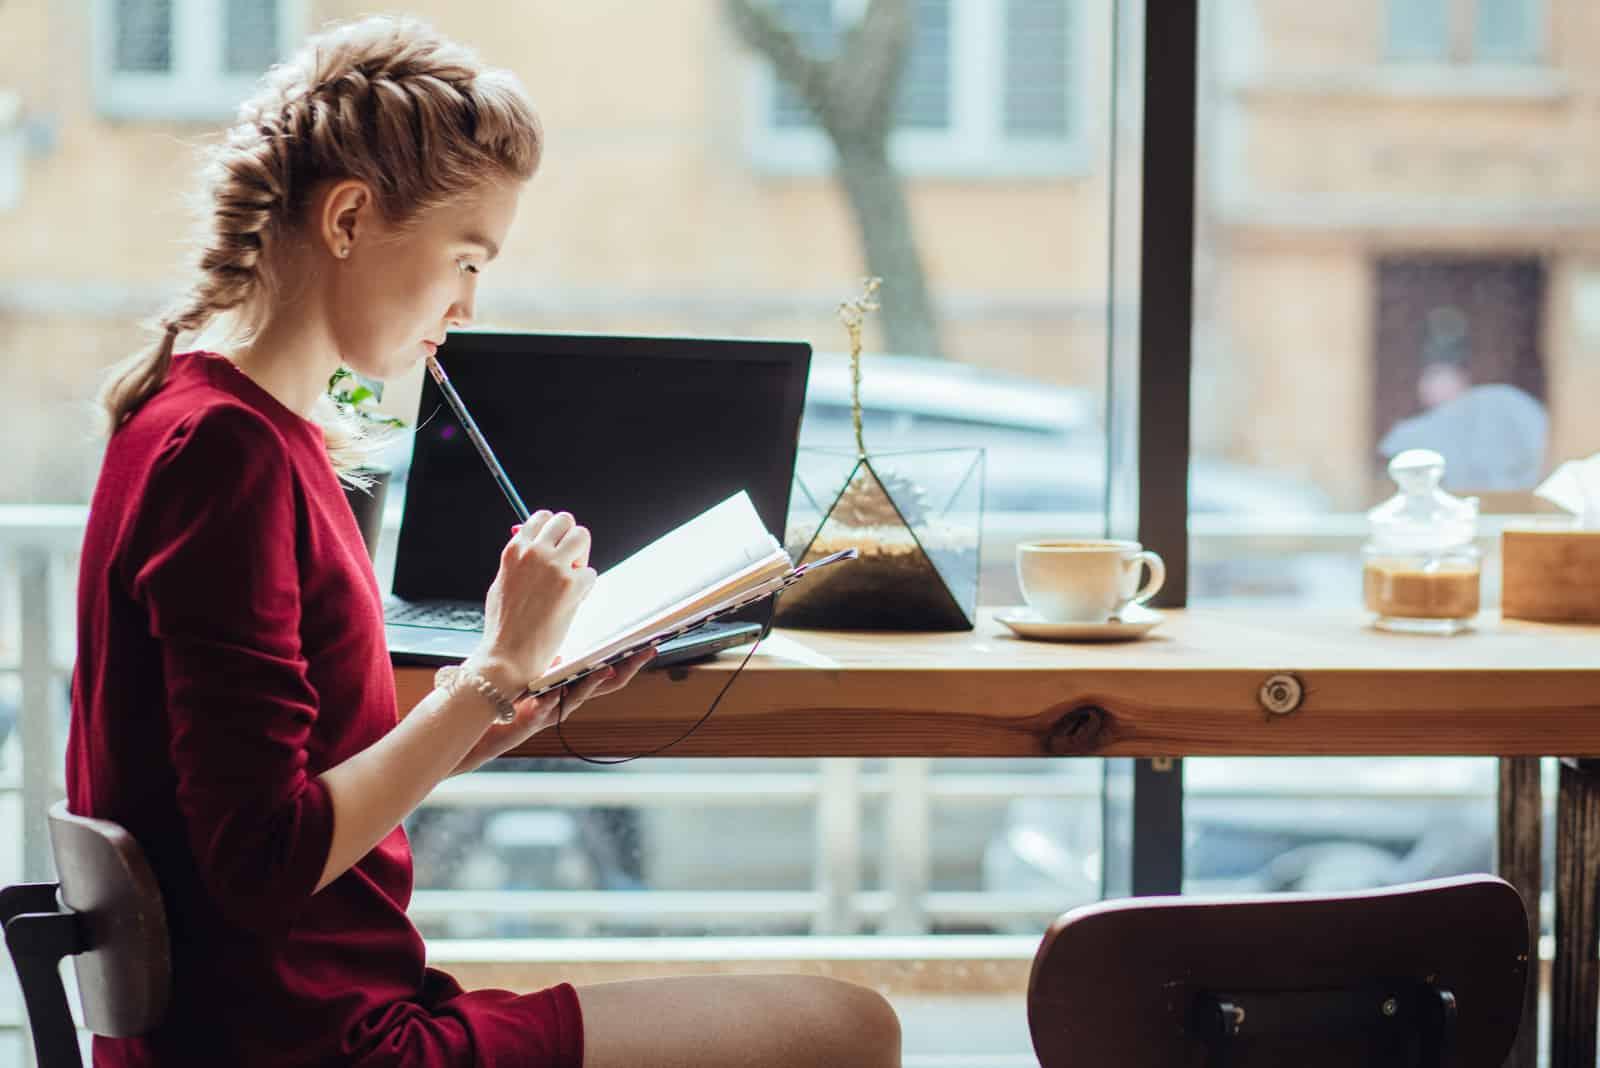 Une femme assise à une table dans une robe bordeaux et écrit